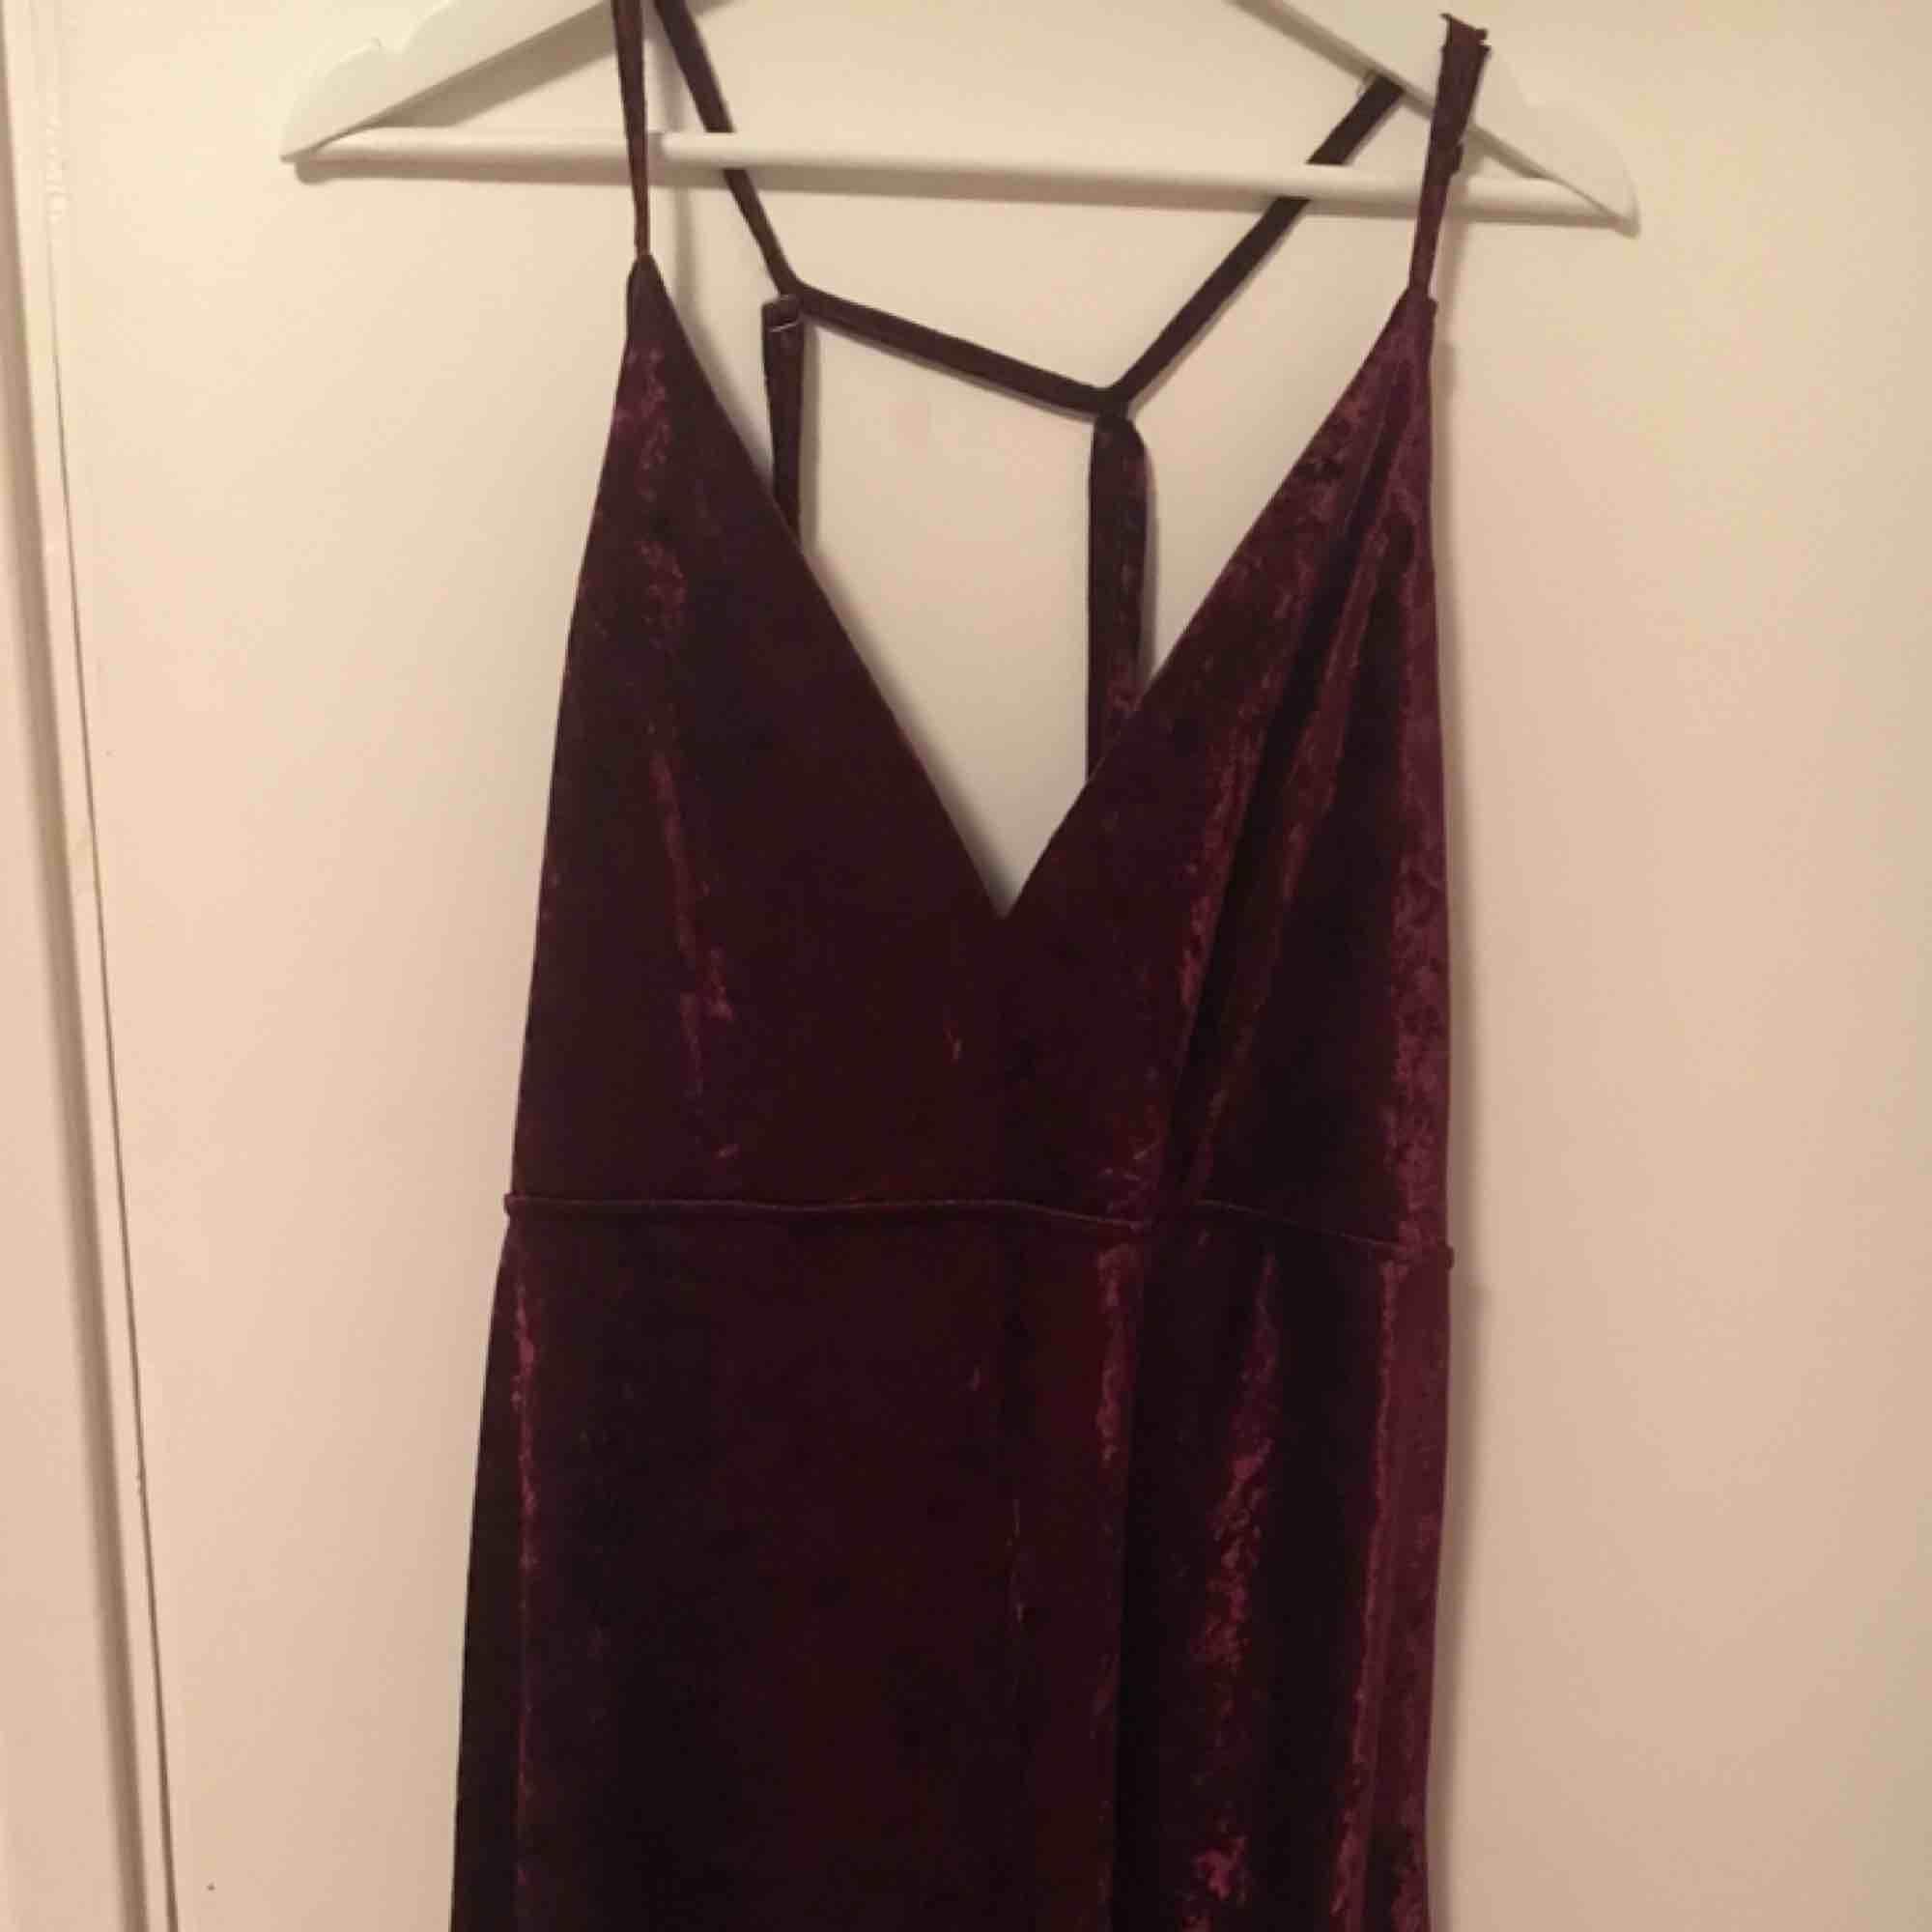 Vinröd velour klänning Endast använd 1 gång Skönhetsfel (se sista bilden). Klänningar.